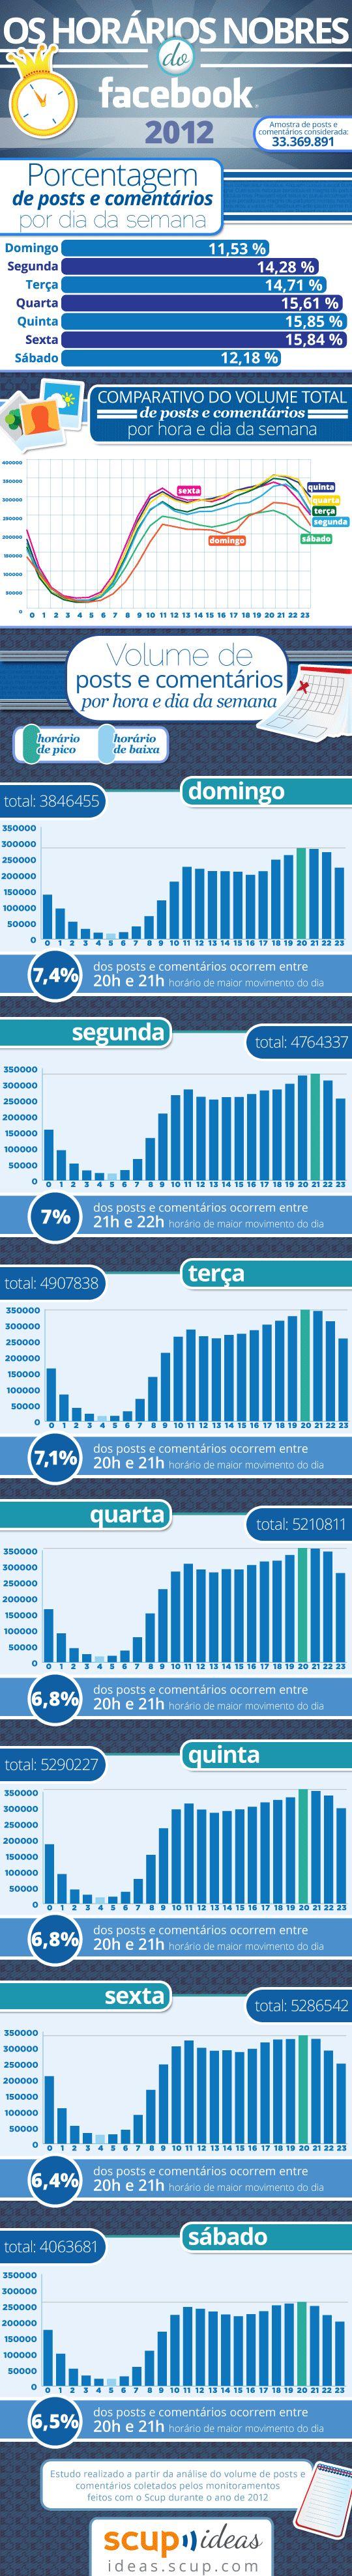 Redes sociais: infográfico traz os melhores horários para publicar no FacebookBlog Mídia8! » Comunicação digital e redes sociais